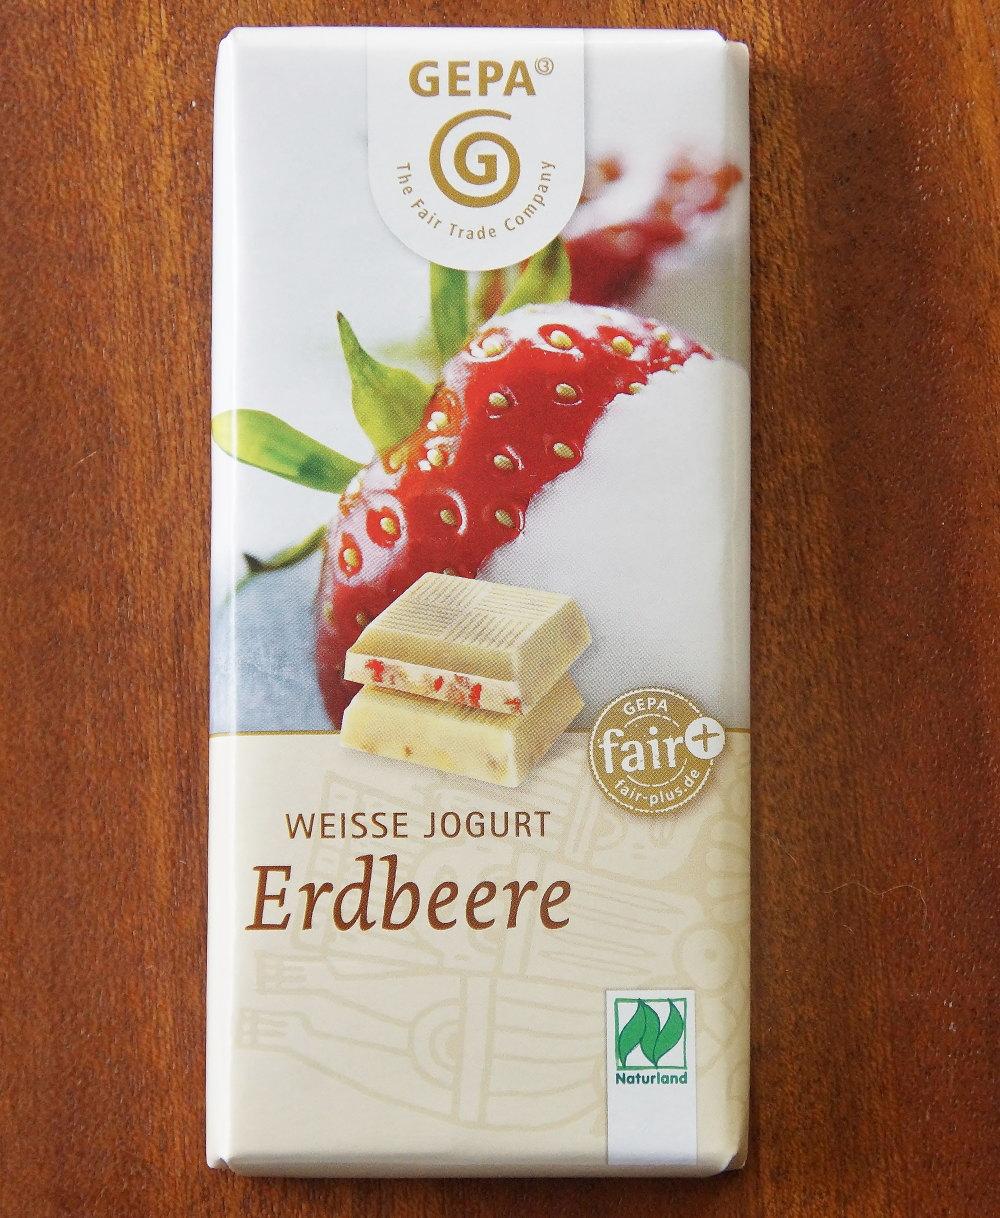 GEPA オーガニック ストロベリー ホワイトチョコレート